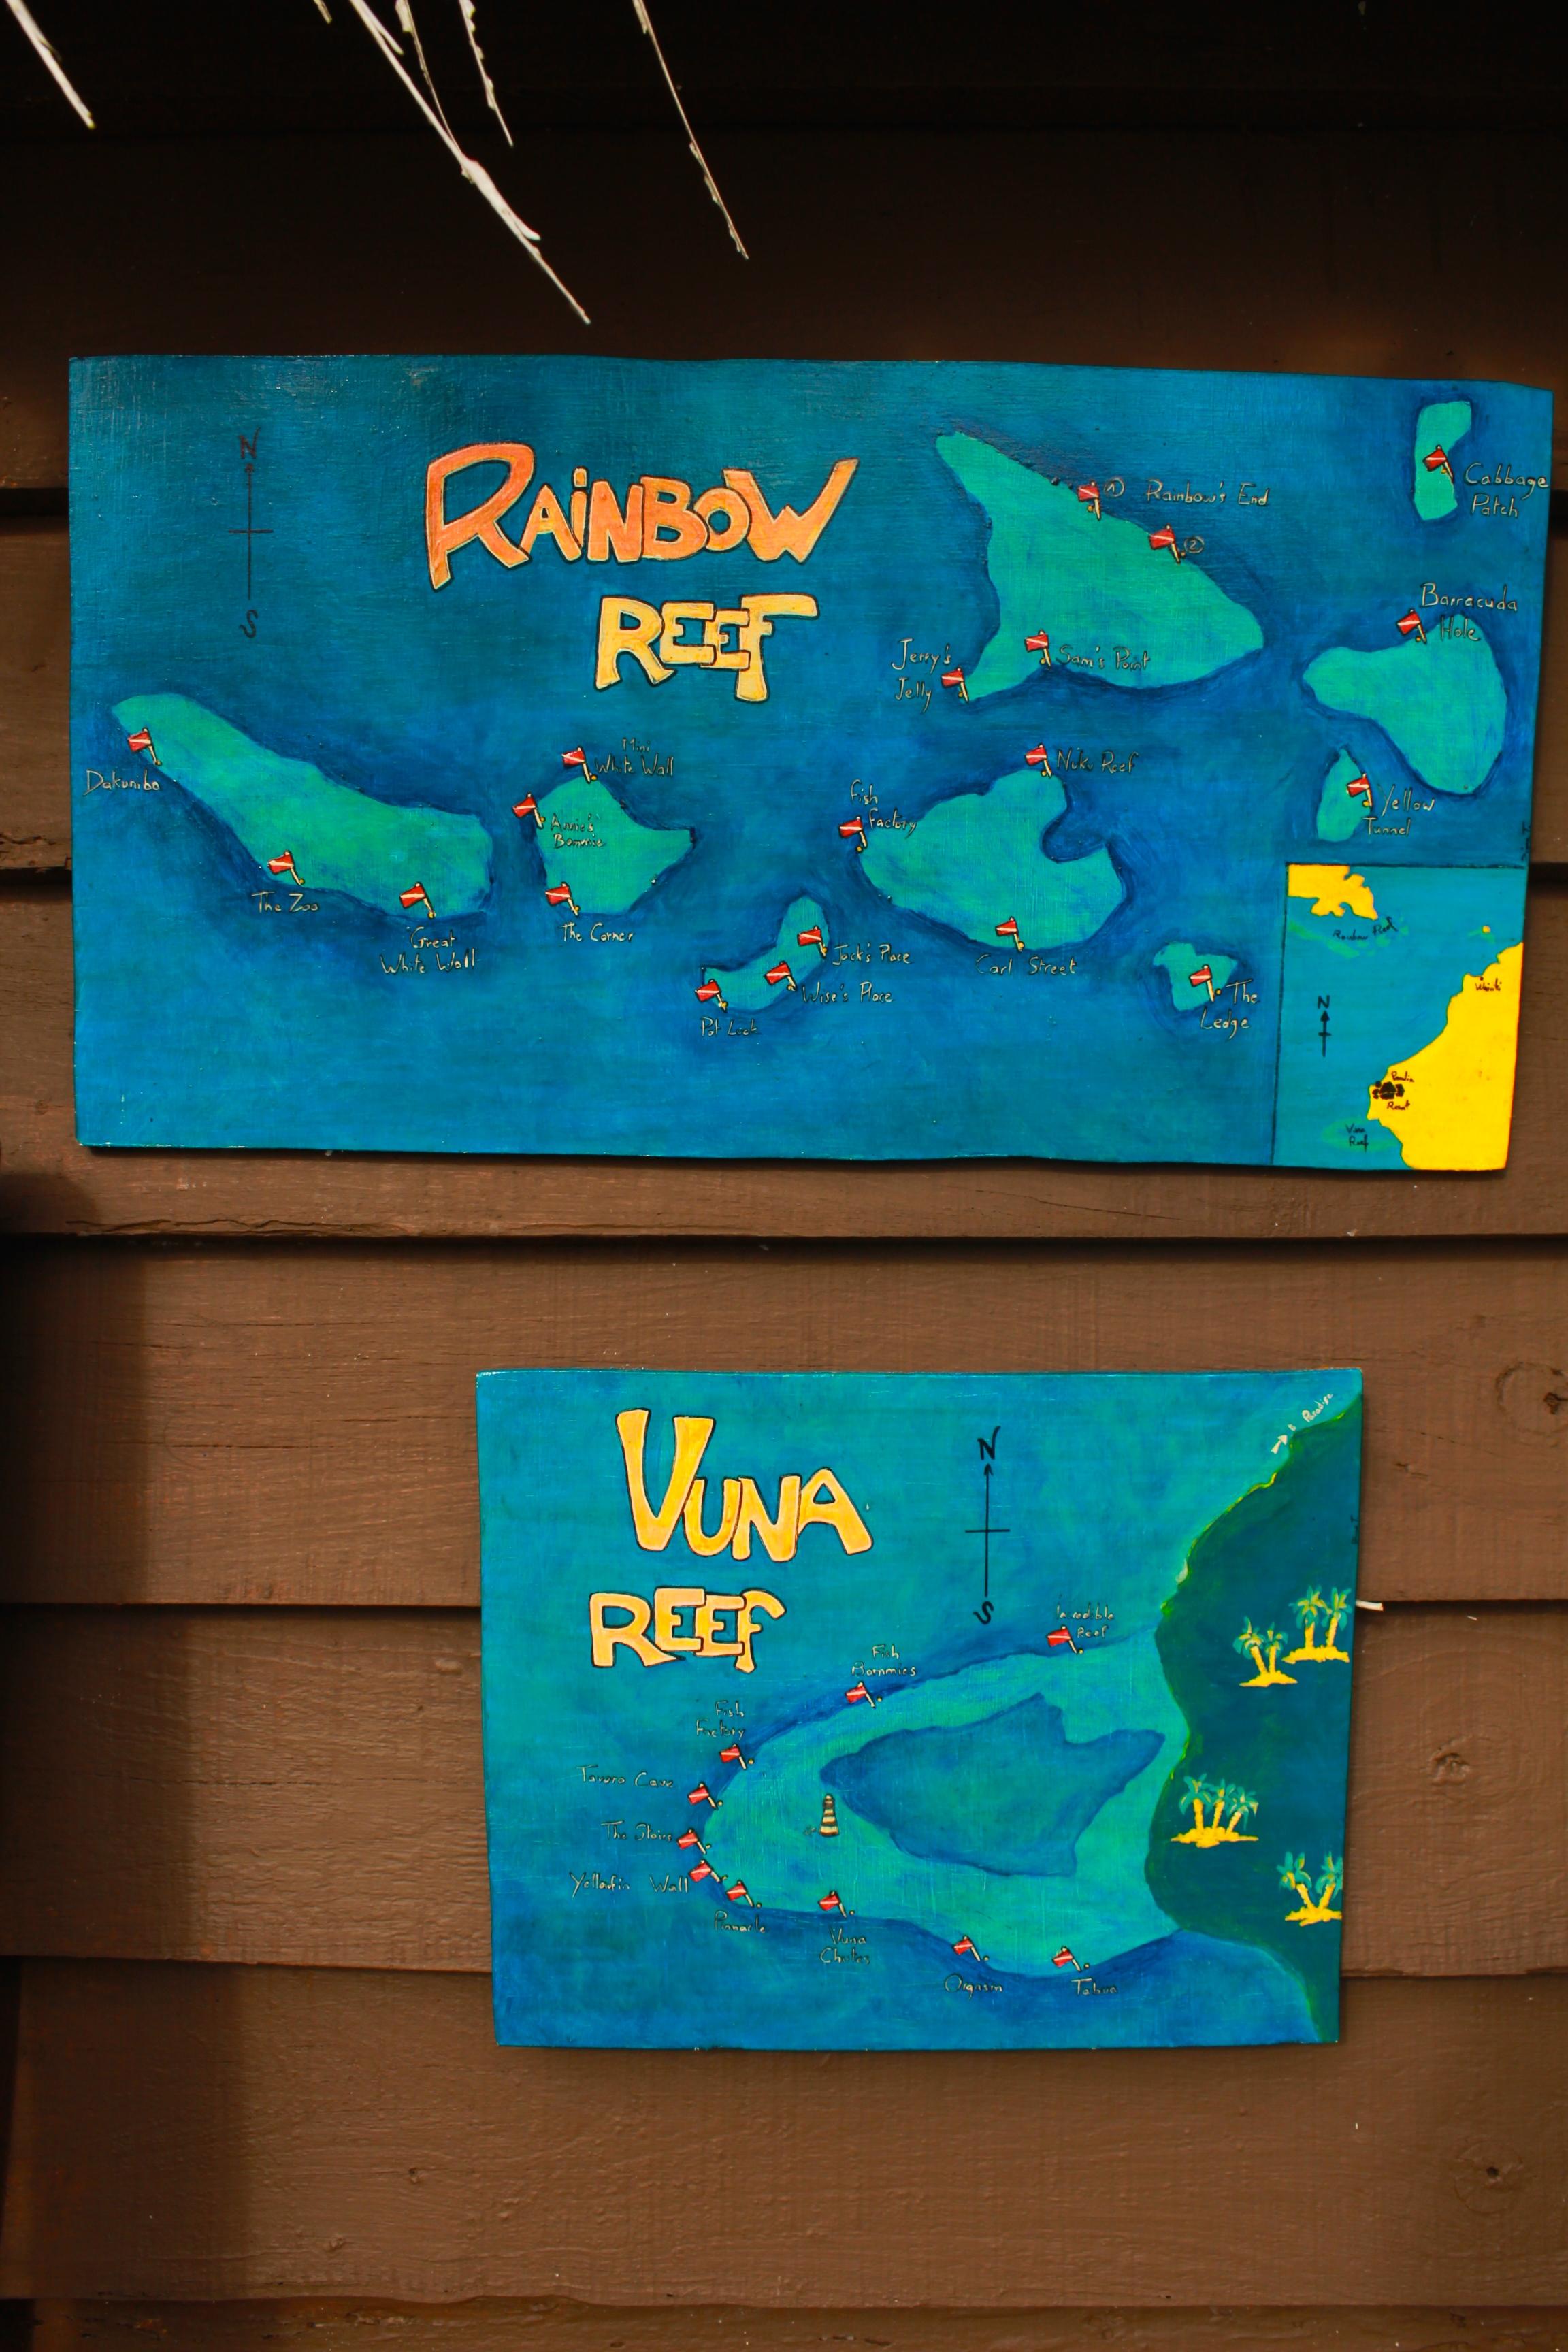 Vuna reef sign